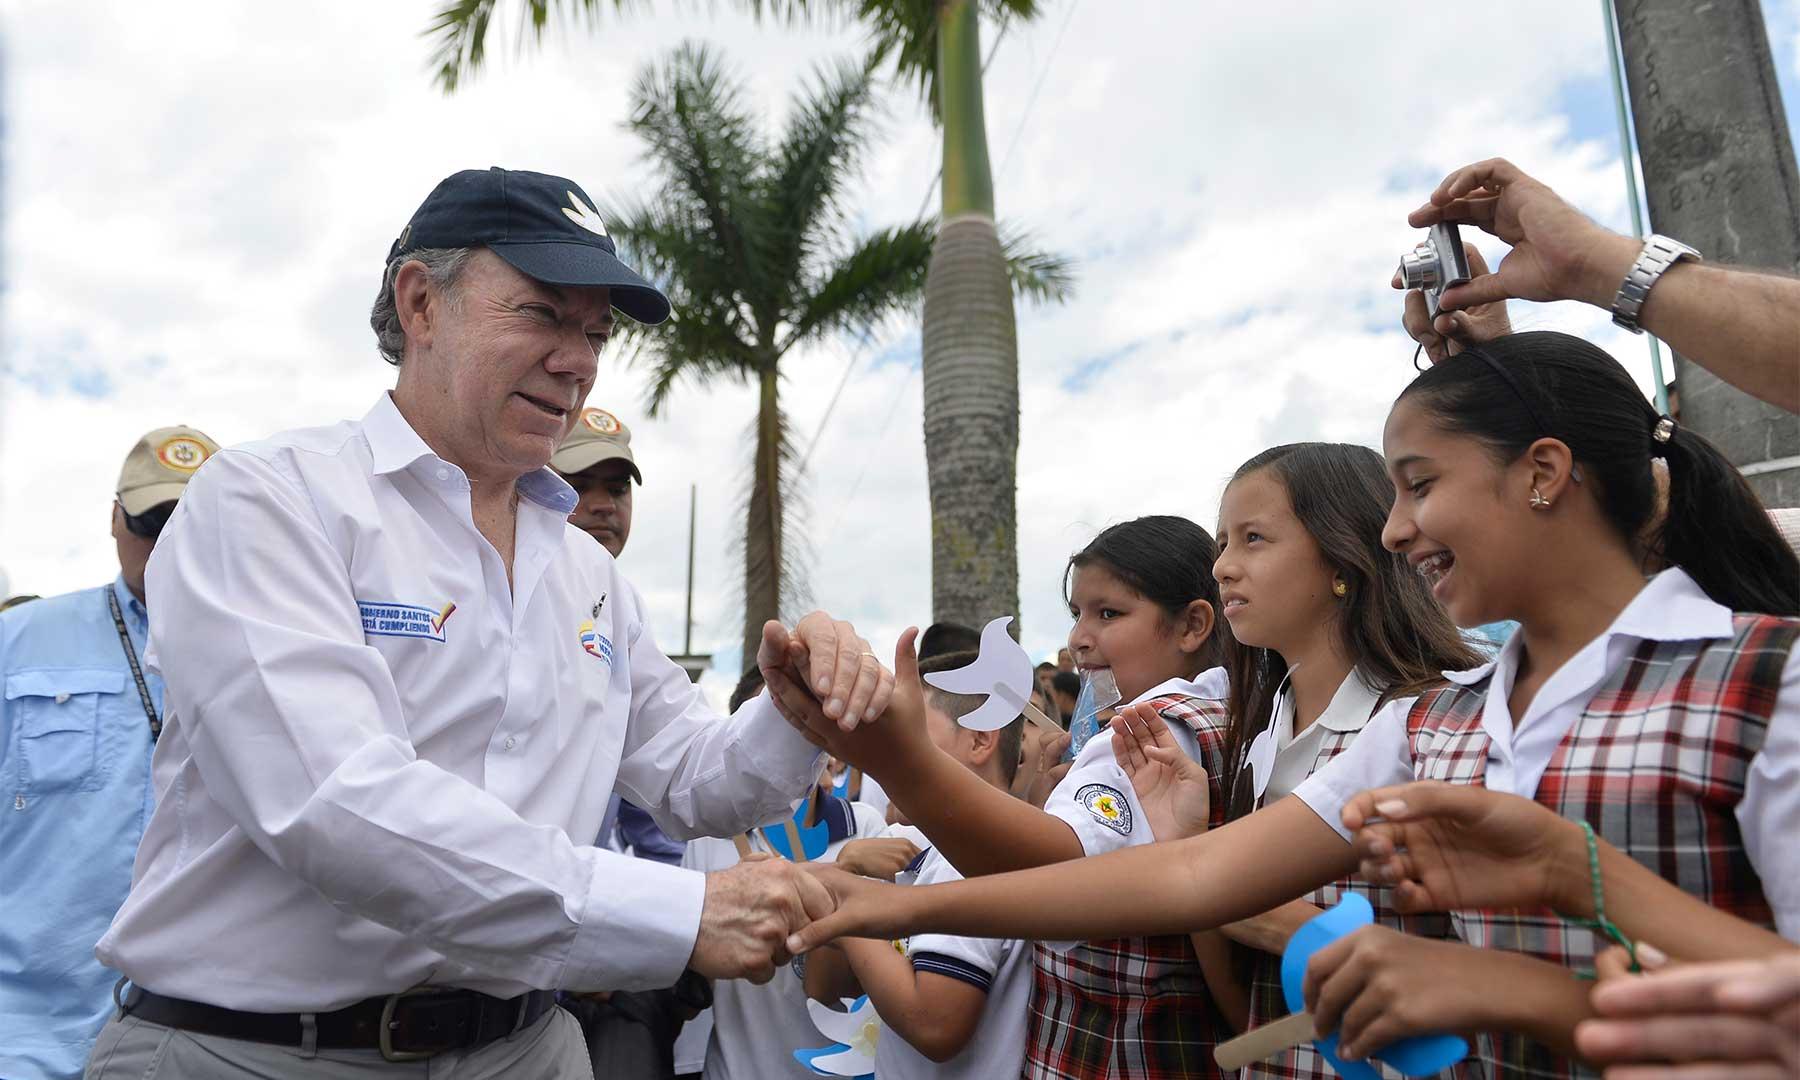 En Santa Rosa de Cabal el Jefe del Estado reiteró la importancia de implantar la jornada única en todos los colegios públicos del país, como una forma para mejorar la calidad en la educación.